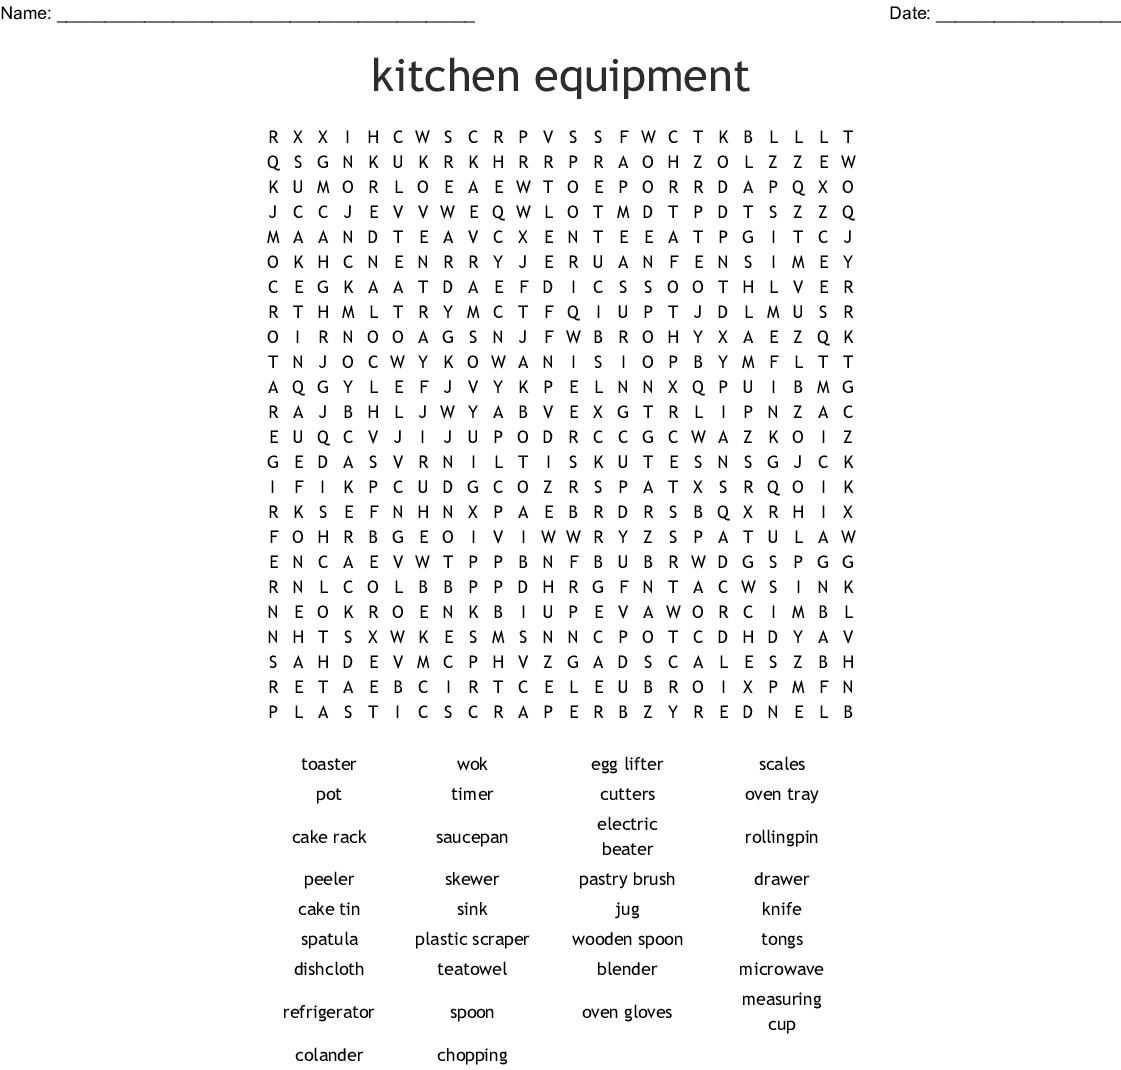 Common Kitchen Utensils Crossword - WordMint